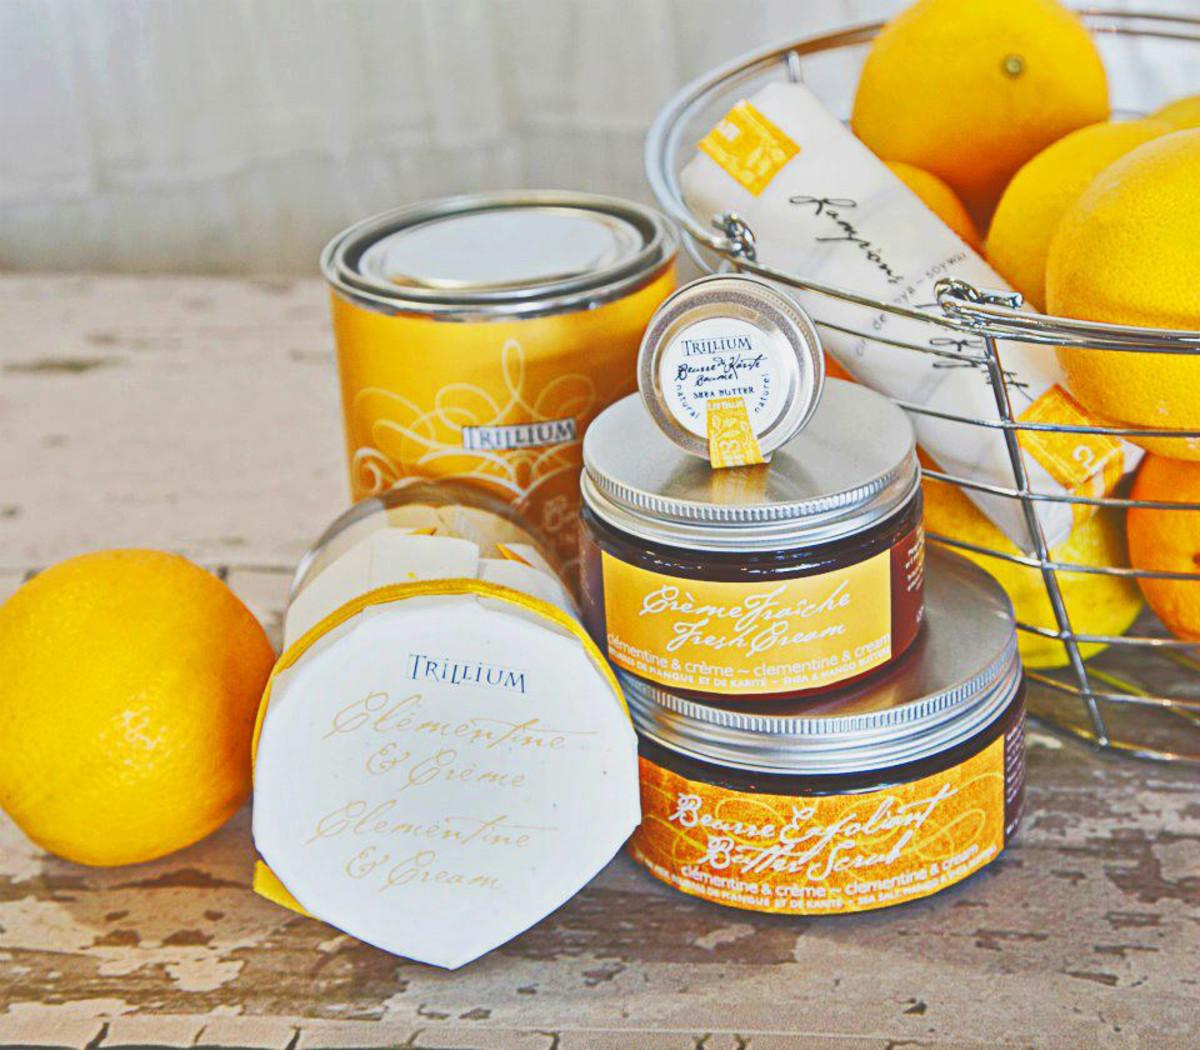 Trilliam Clementine & Cream body care